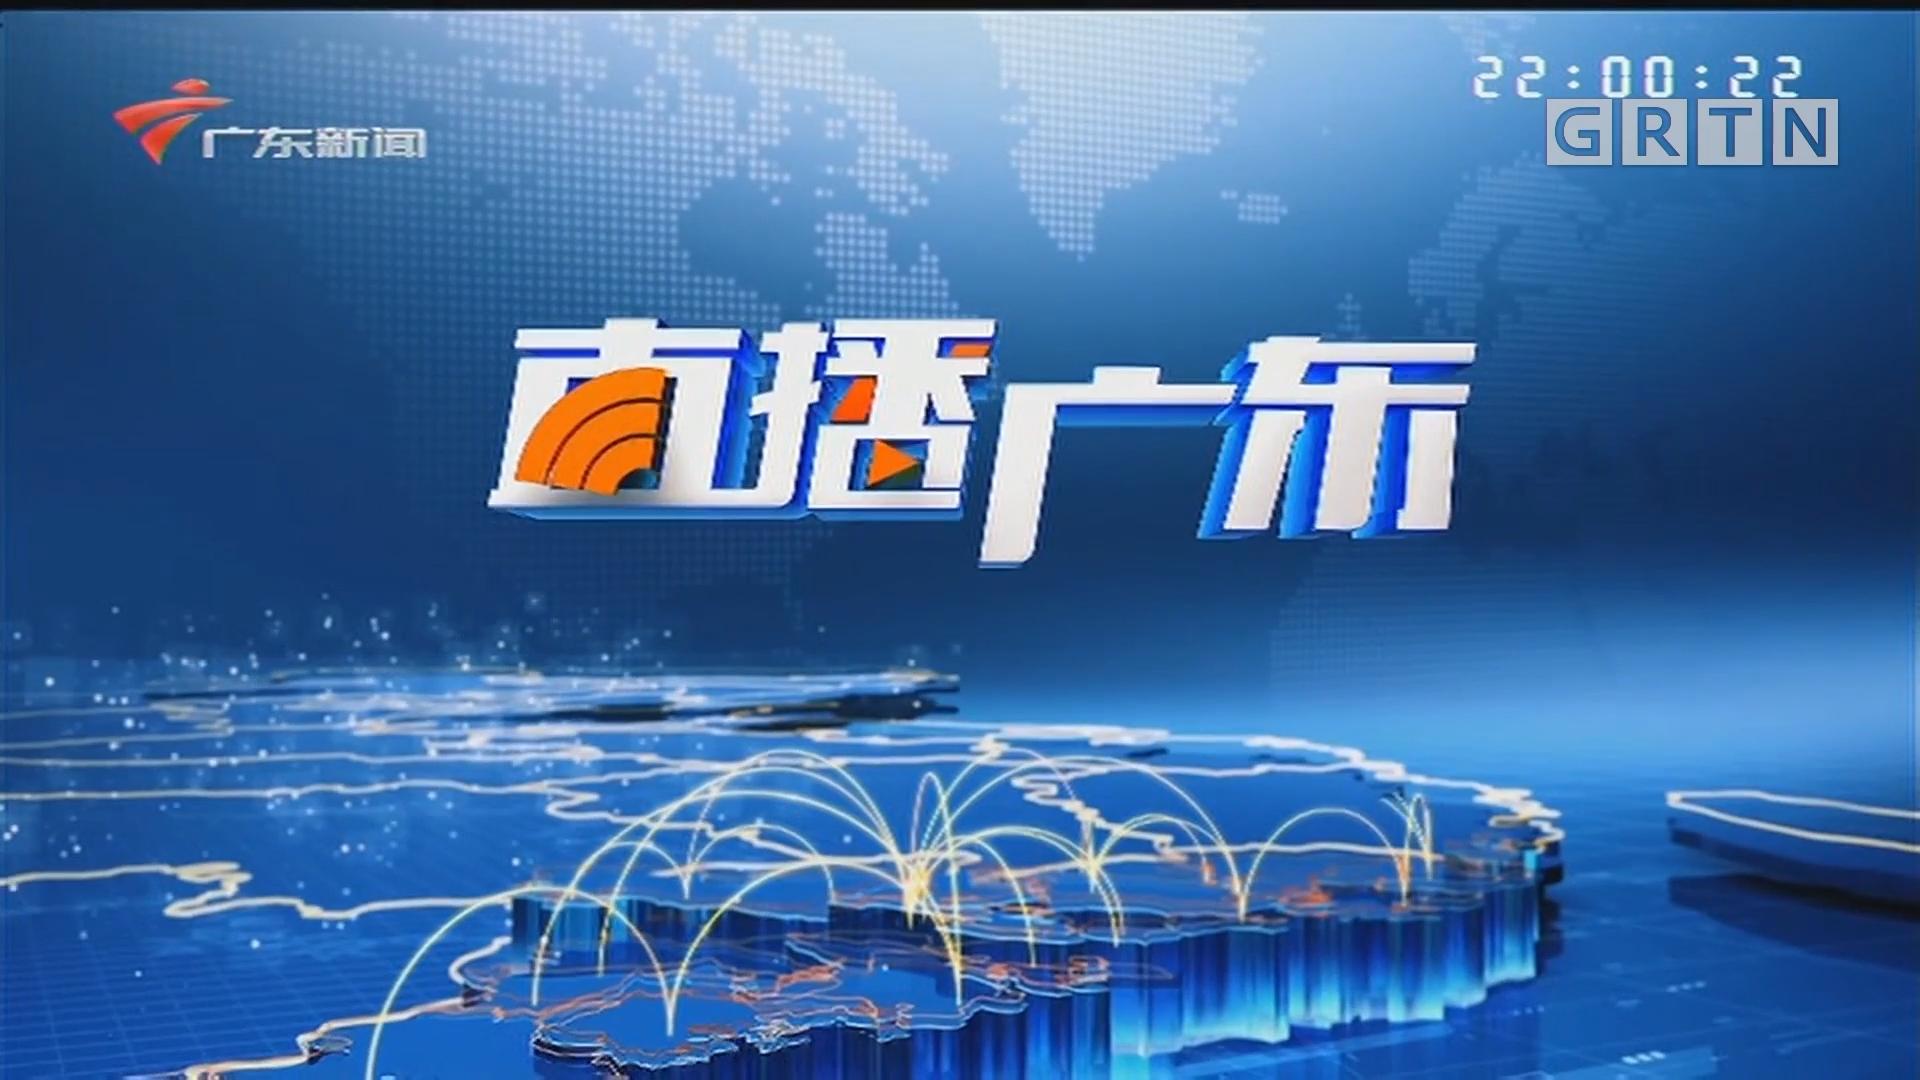 [HD][2020-01-20]直播广东:新型冠状病毒:广东确诊新型冠状病毒感染肺炎14例